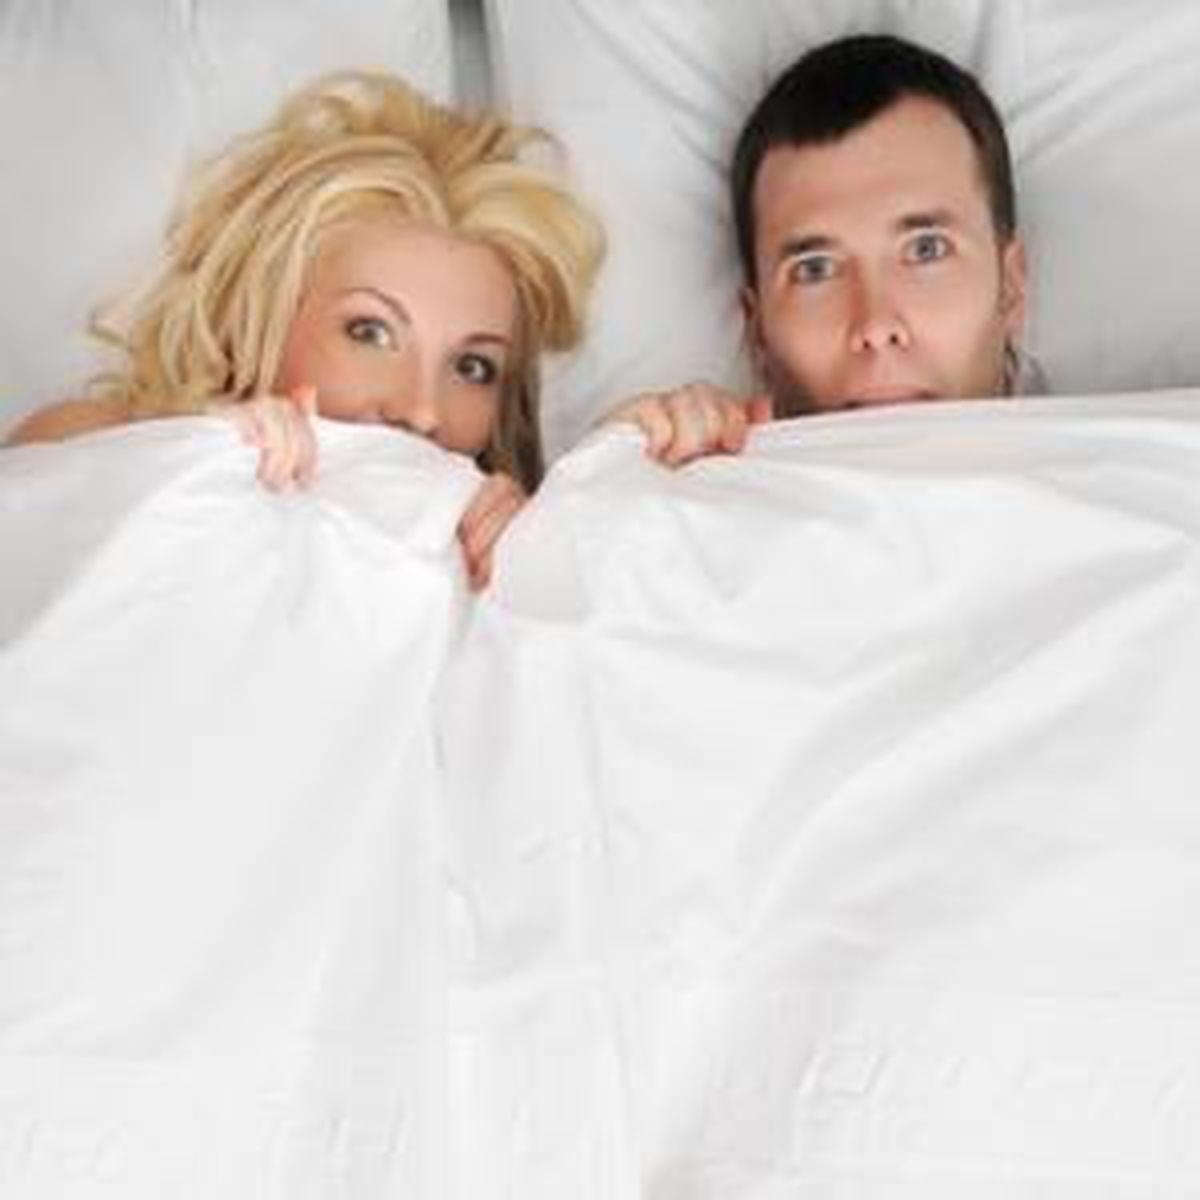 cum să te trezești cu o erecție de dimineață uneori fără erecție